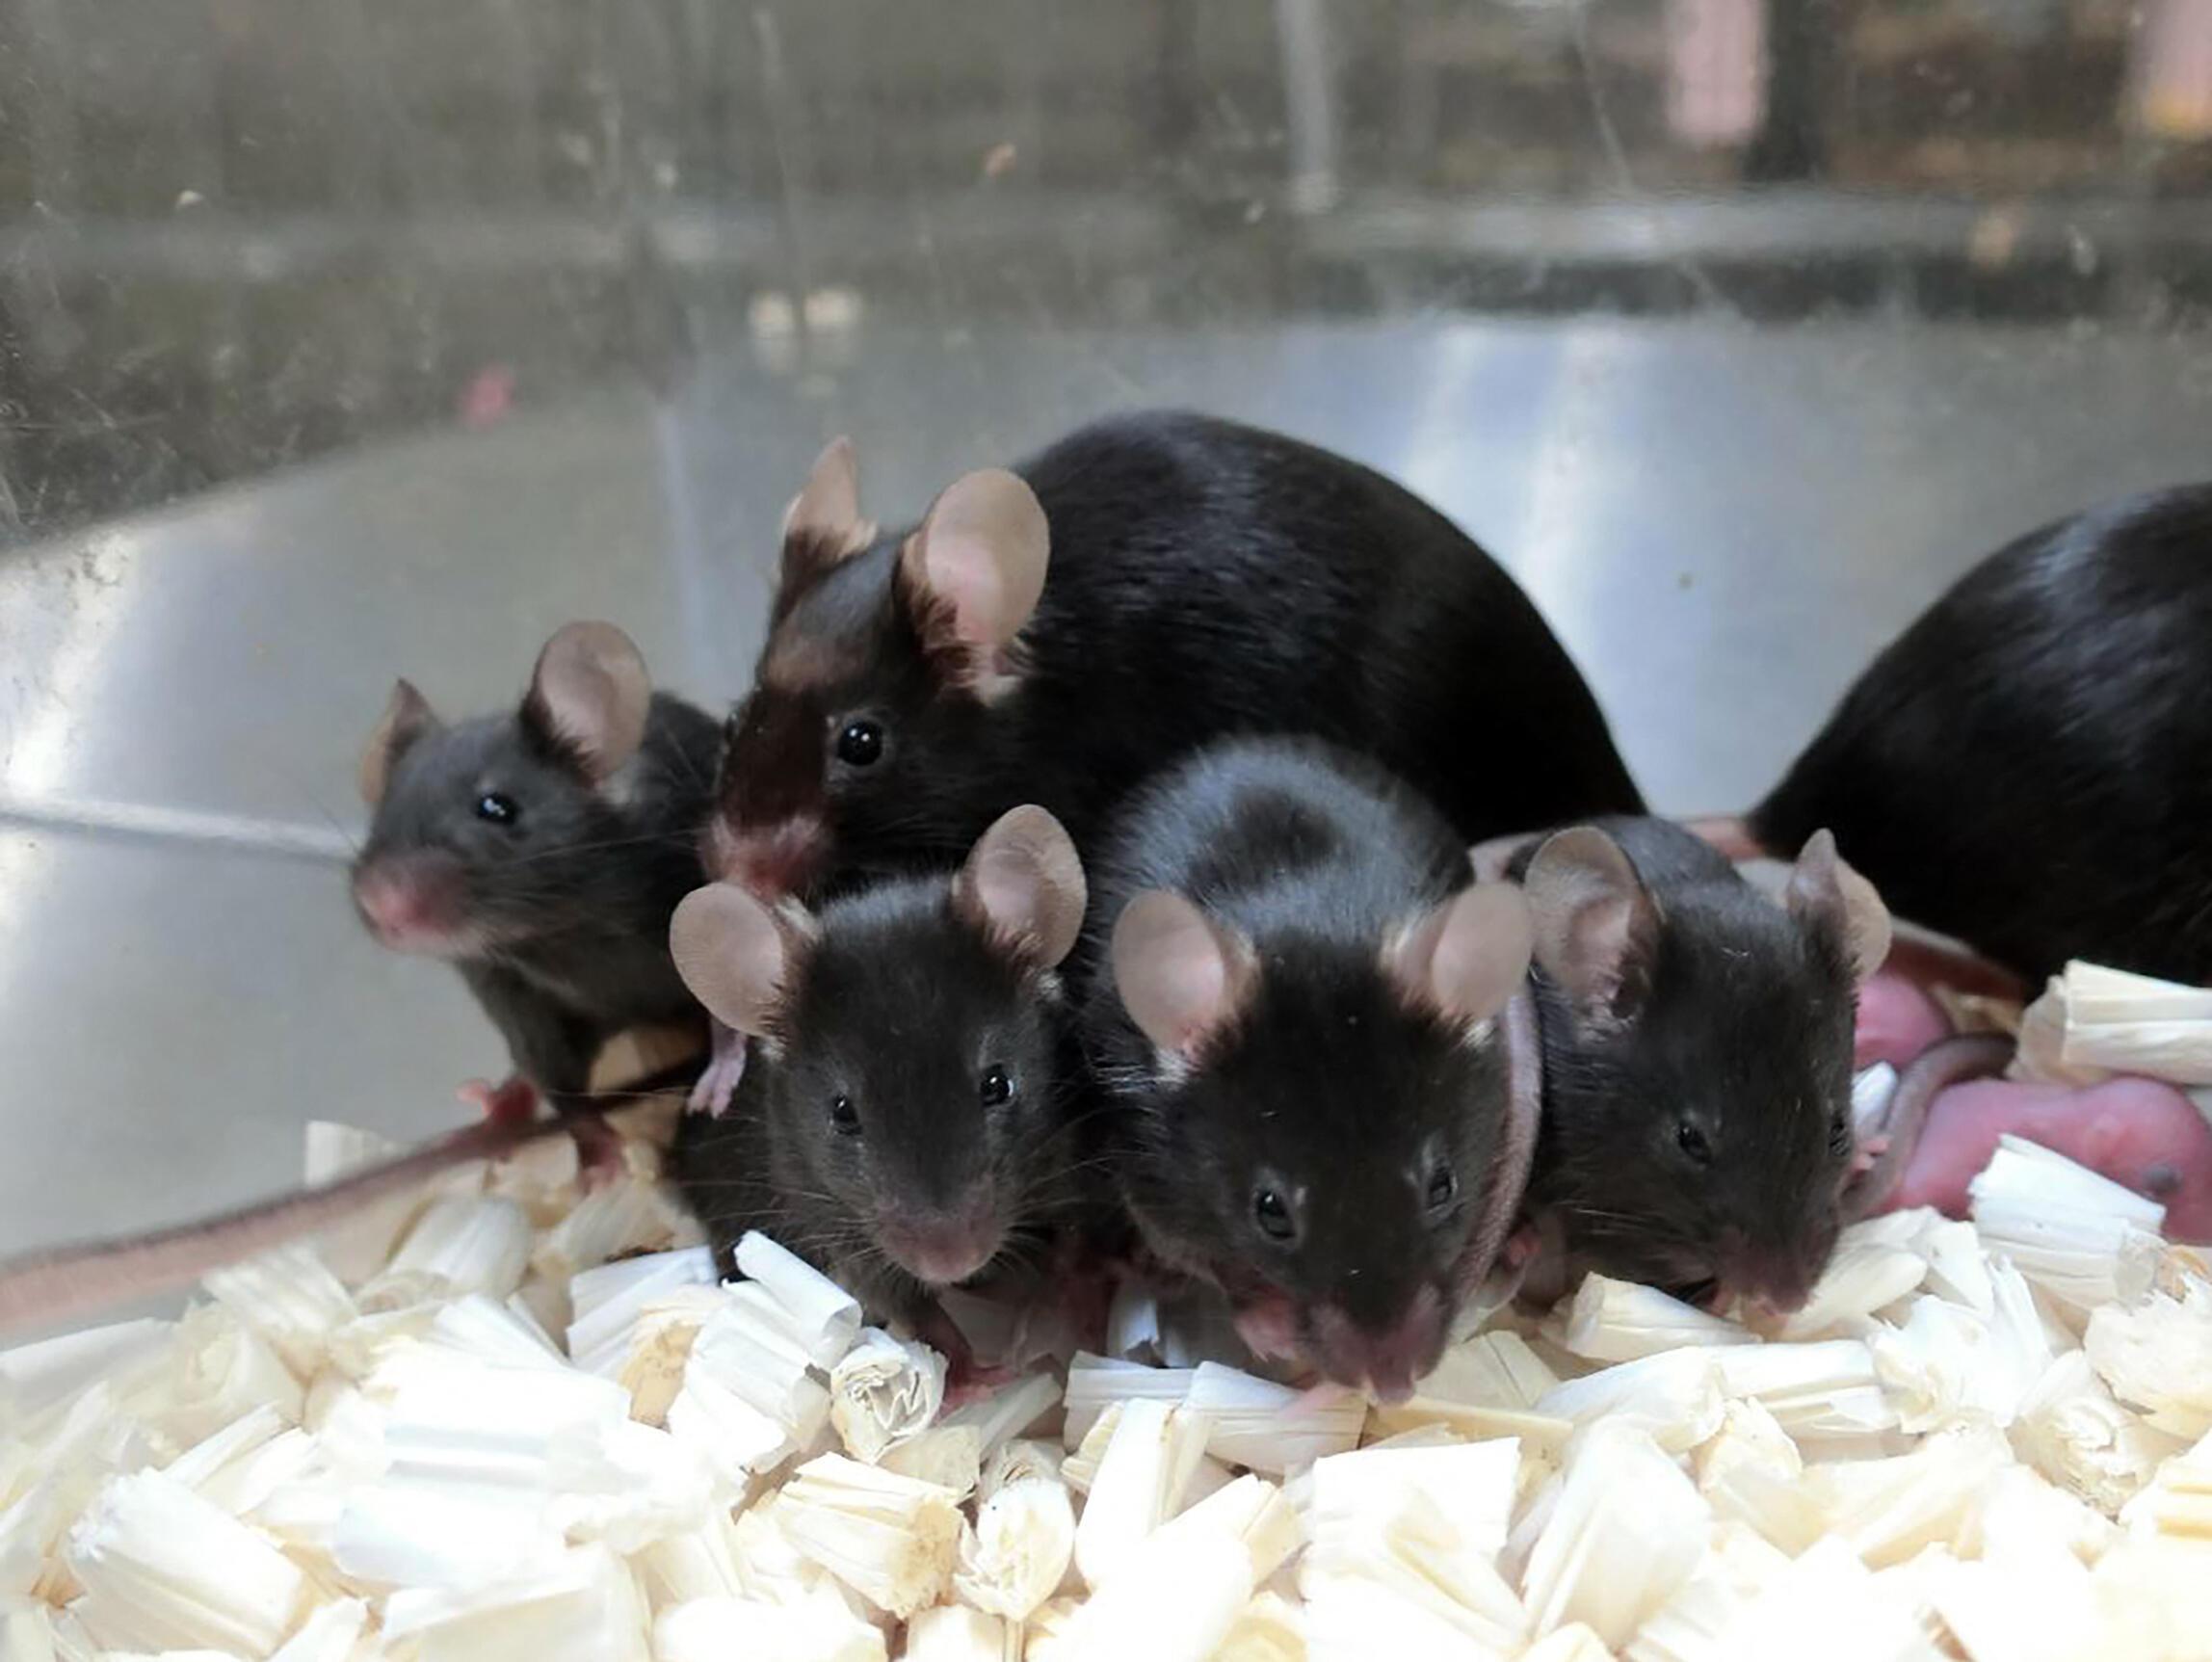 وُلد 243 فأر صغير من السائل المنوي الذي بقي ثلاث سنوات في الفضاء، و168 من ذلك الذي بقي لحوالى ست سنوات.